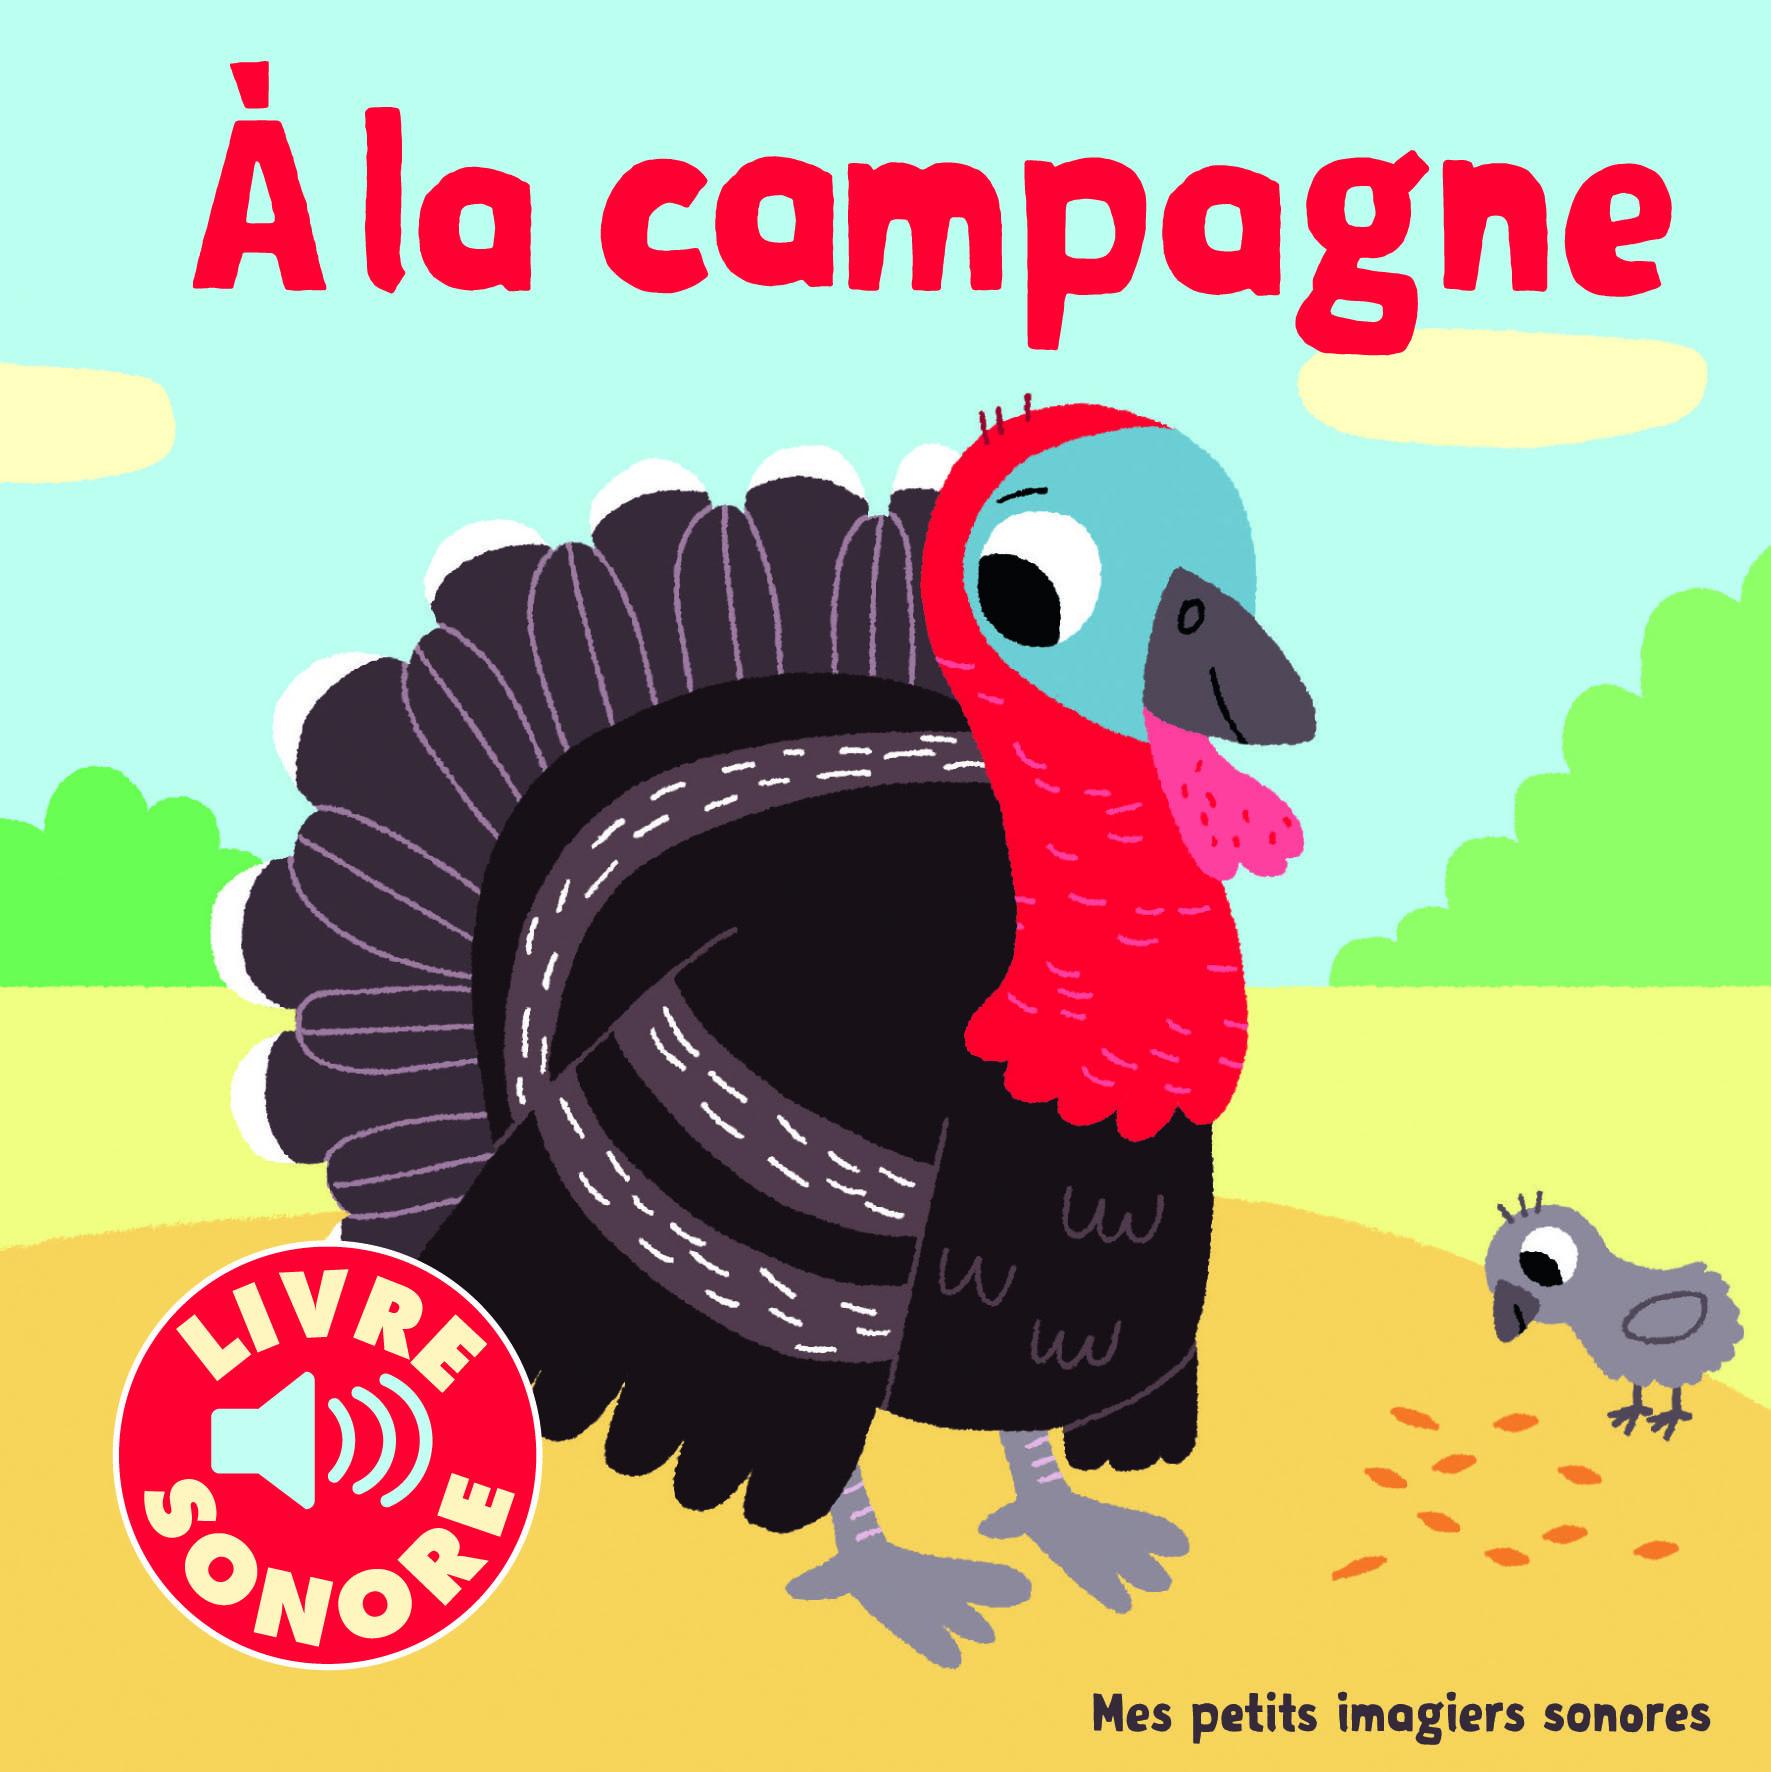 A LA CAMPAGNE - 6 IMAGES A REGARDER, 6 SONS A ECOUTER